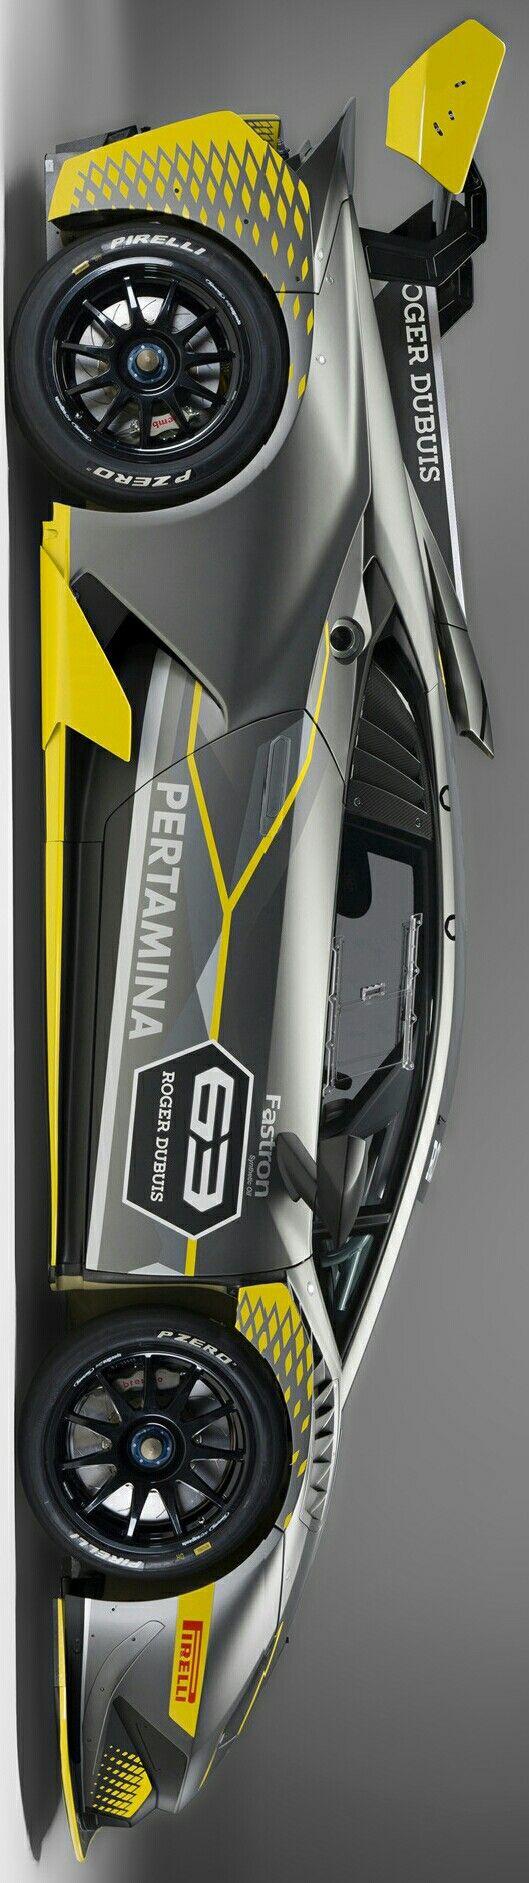 2018 Lamborghini Huracan Super Trofeo Evo by Levon